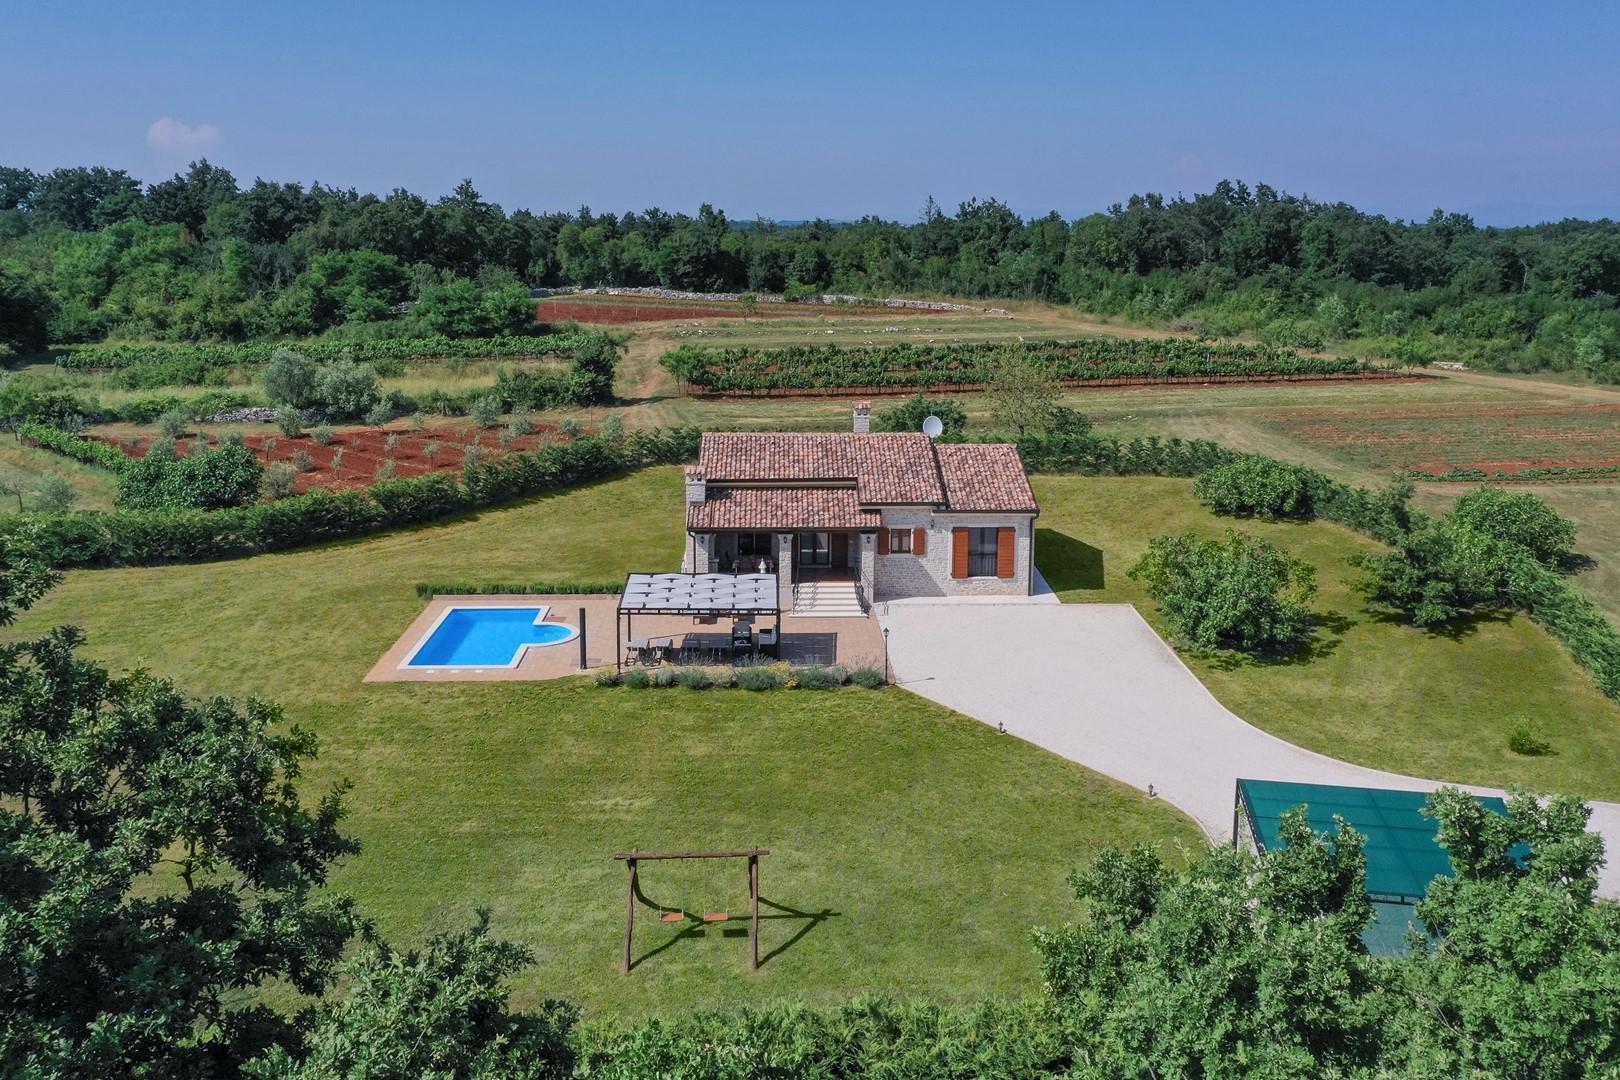 Ferienhaus Villa Elida mit Pool in abgelegene Lage - Zentral-Istrien (2789996), Pazin, , Istrien, Kroatien, Bild 11